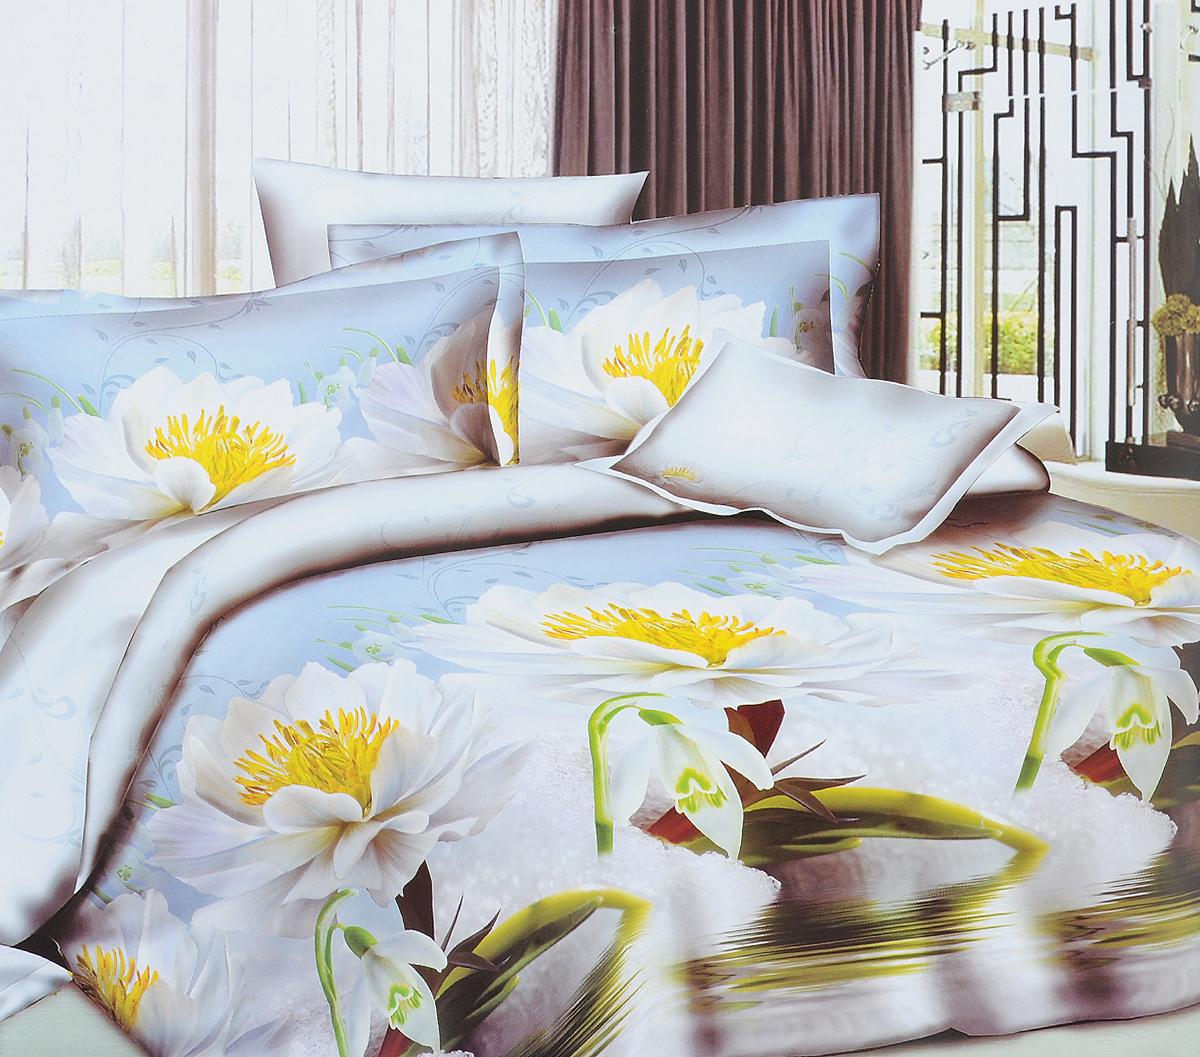 Комплект белья ЭГО Лето, 1,5-спальный, наволочки 70x70391602Комплект постельного белья ЭГО Лето выполнен из полисатина (50% хлопка, 50% полиэстера). Комплект состоит из пододеяльника, простыни и двух наволочек. Постельное белье, оформленное цветочным принтом, имеет изысканный внешний вид и яркую цветовую гамму. Наволочки застегиваются на клапаны. Гладкая структура делает ткань приятной на ощупь, мягкой и нежной, при этом она прочная и хорошо сохраняет форму. Ткань легко гладится, не линяет и не садится. Благодаря такому комплекту постельного белья вы сможете создать атмосферу роскоши и романтики в вашей спальне.